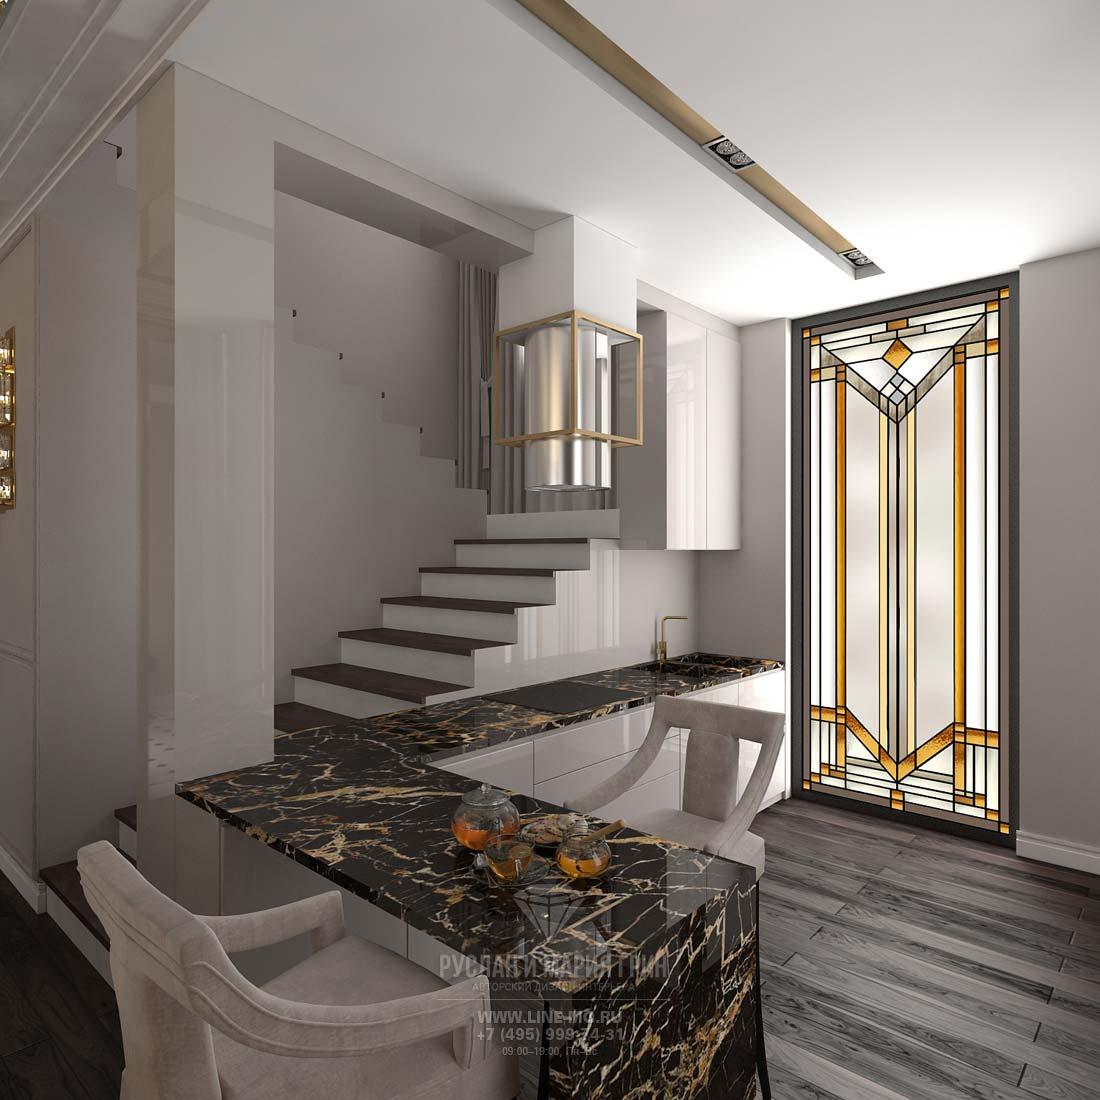 Дизайн кухни на первом этаже